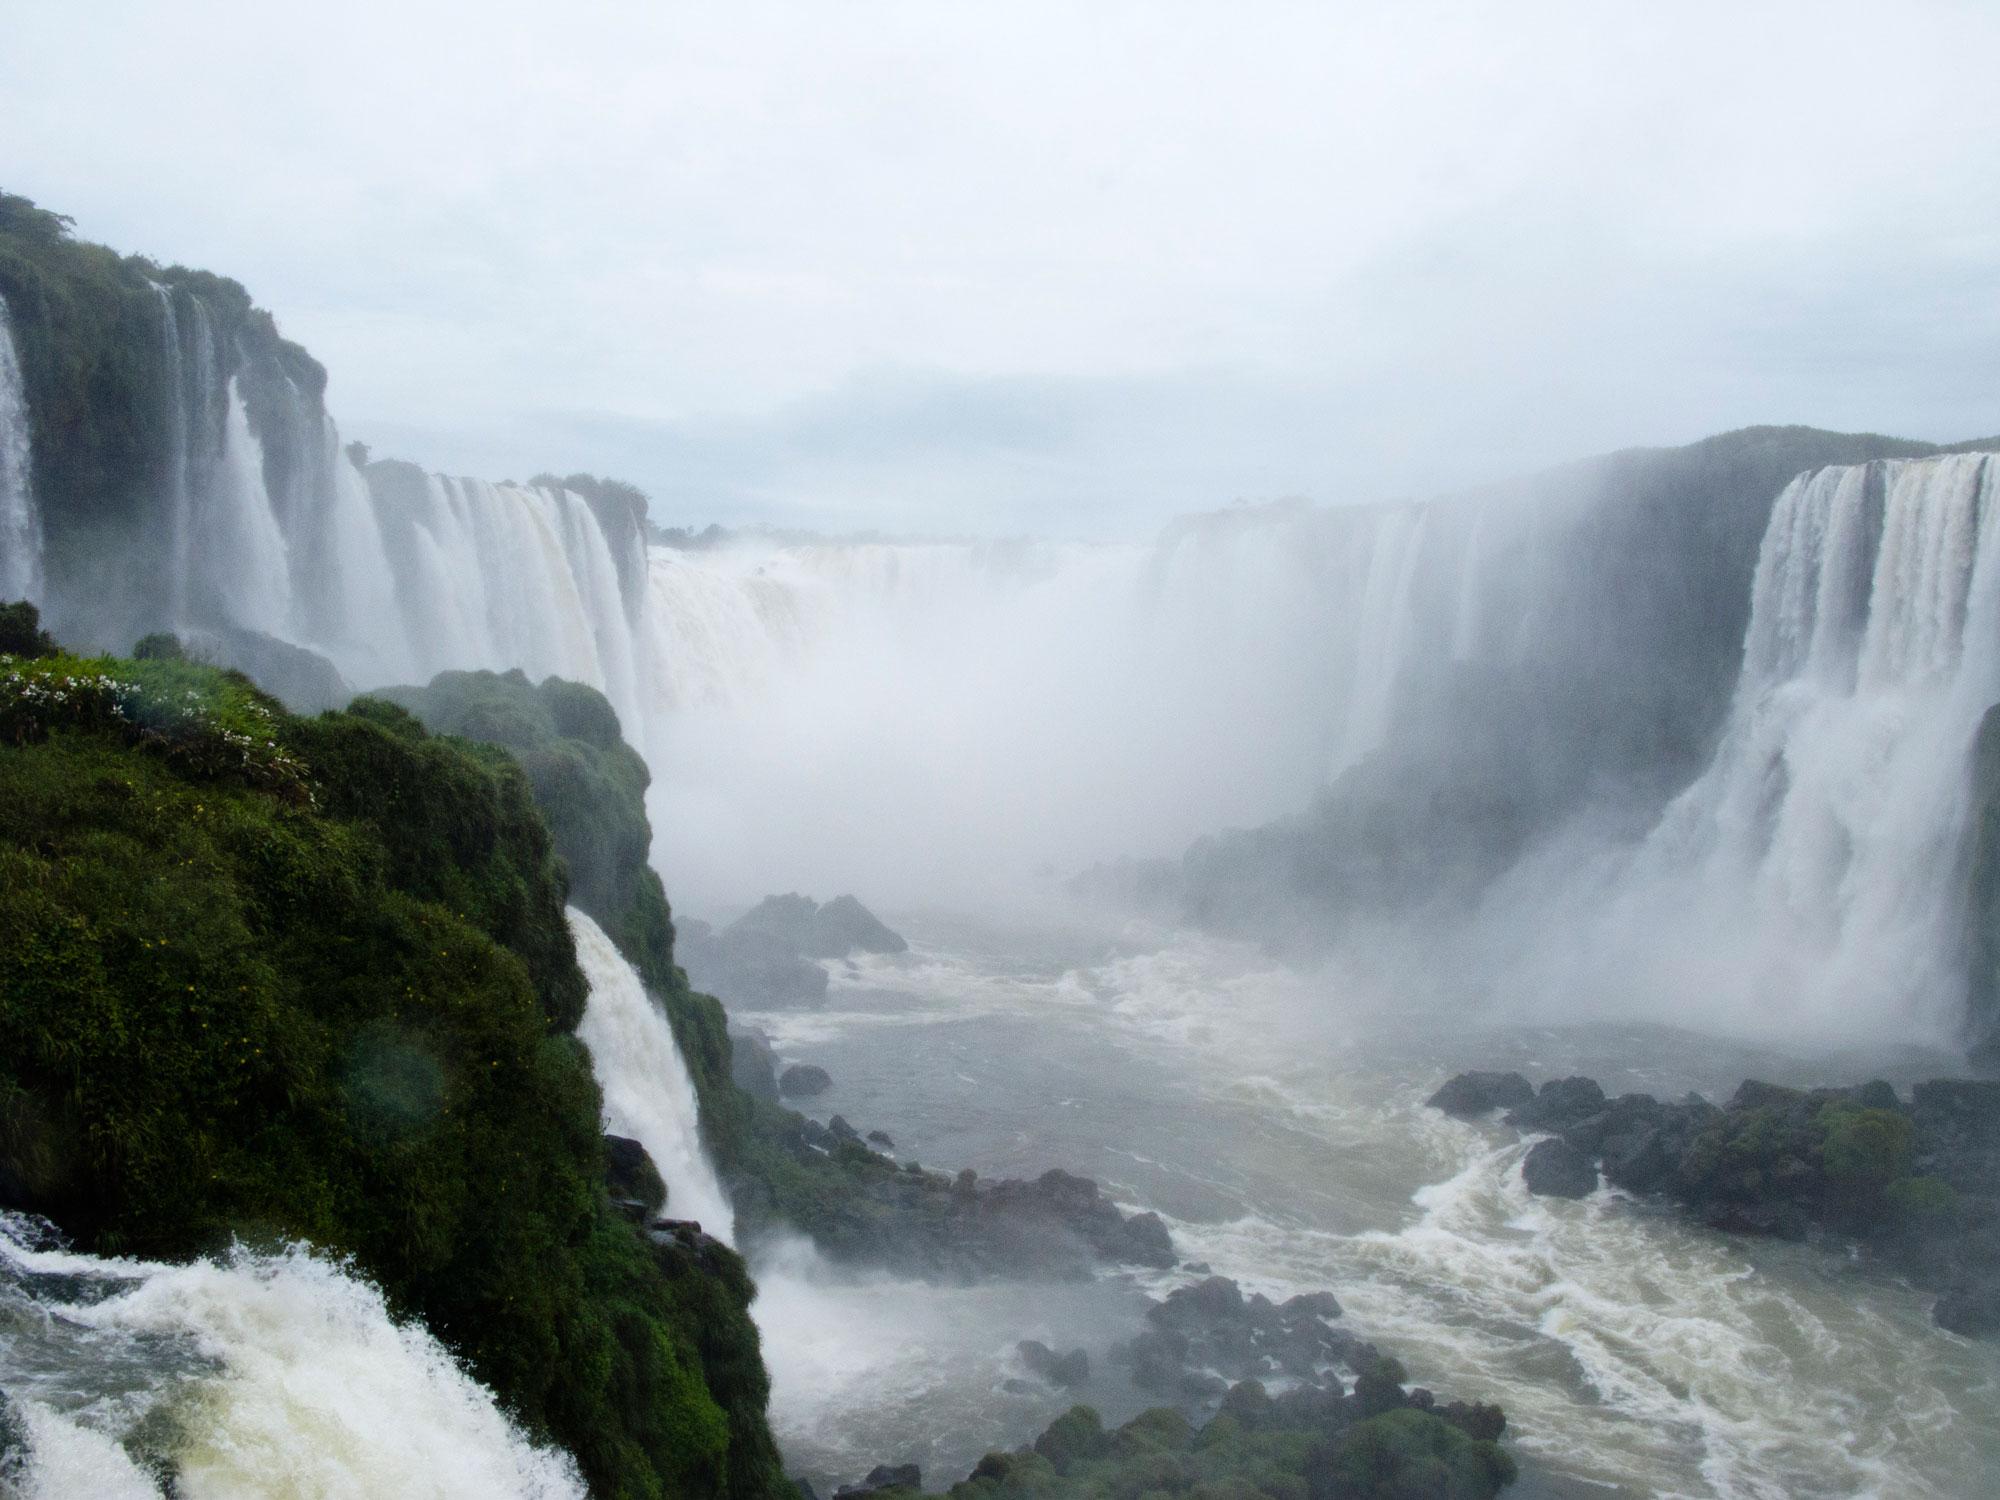 Iguazu falls garganta do diablo brasilian side top